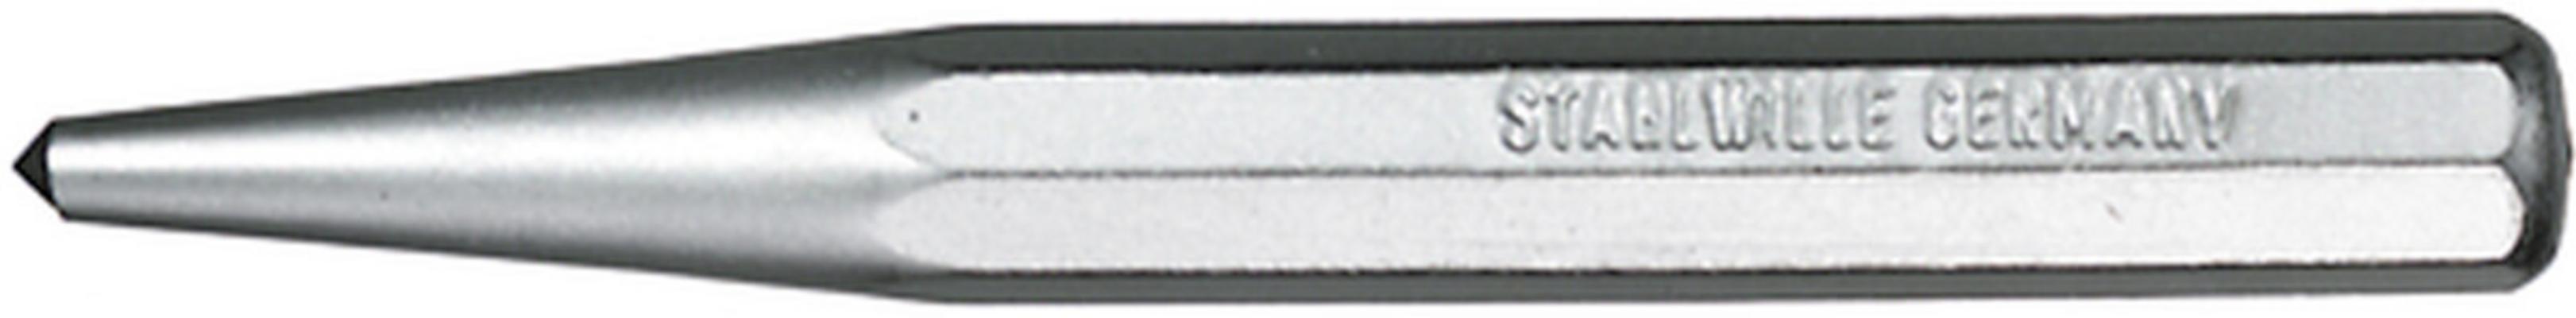 Pistepuikko 100x10 mm, Stahlwille - Pistepuikko 100x10 mm